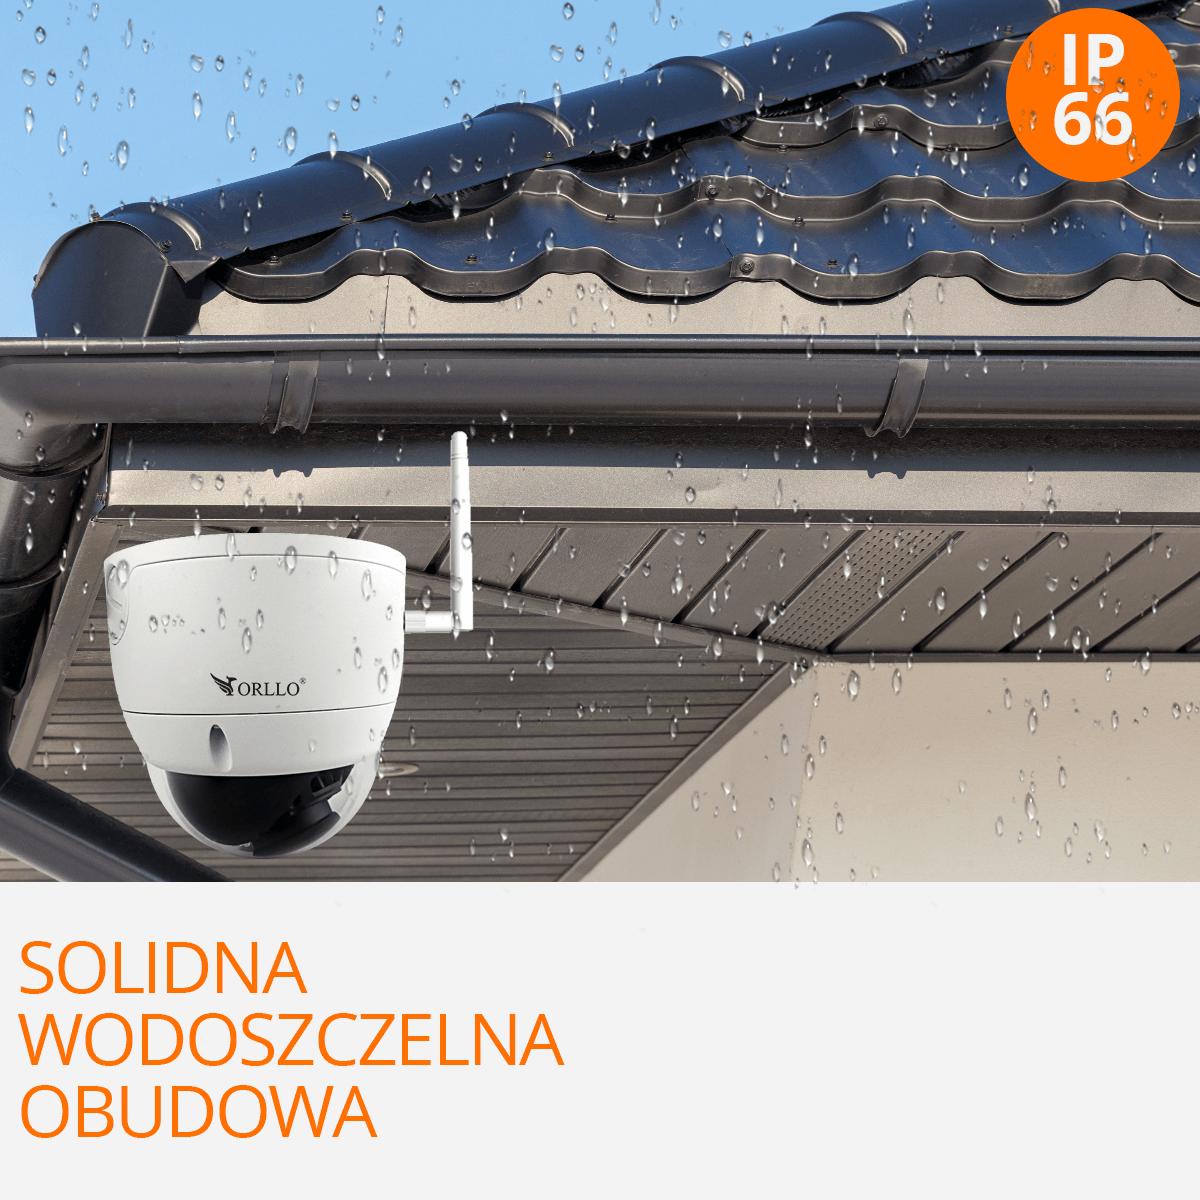 kamera bezprzewodowa wodoszczelna c5 orllo.pl